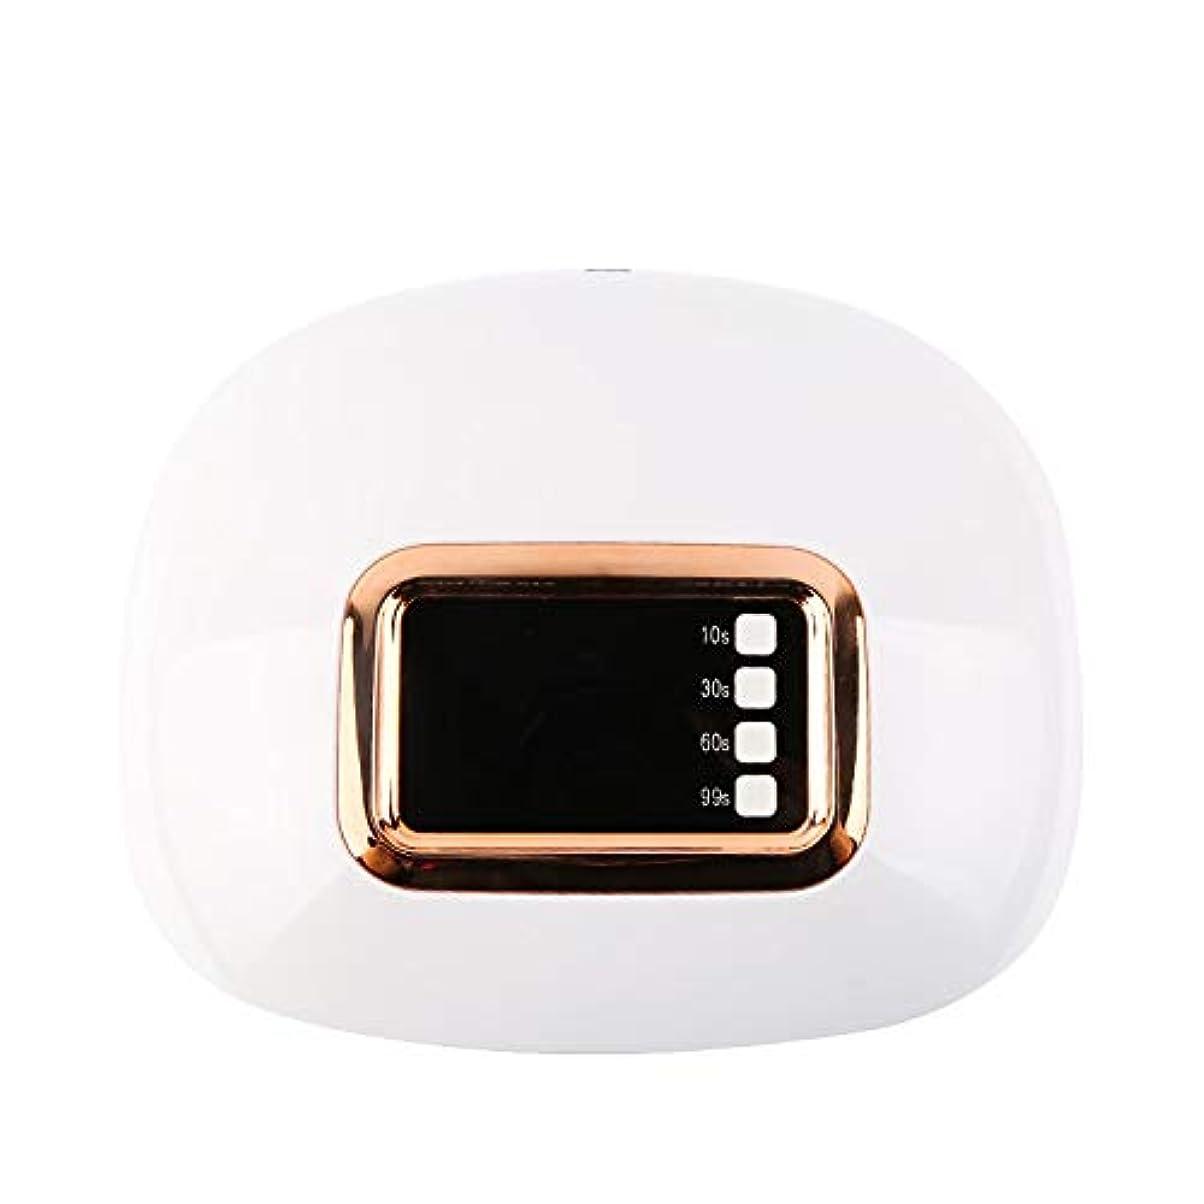 4つのタイマーおよびシェラックおよびゲルの釘のためのデジタル表示装置が付いている専門の紫外線およびLEDの釘ライトおよび釘のドライヤー